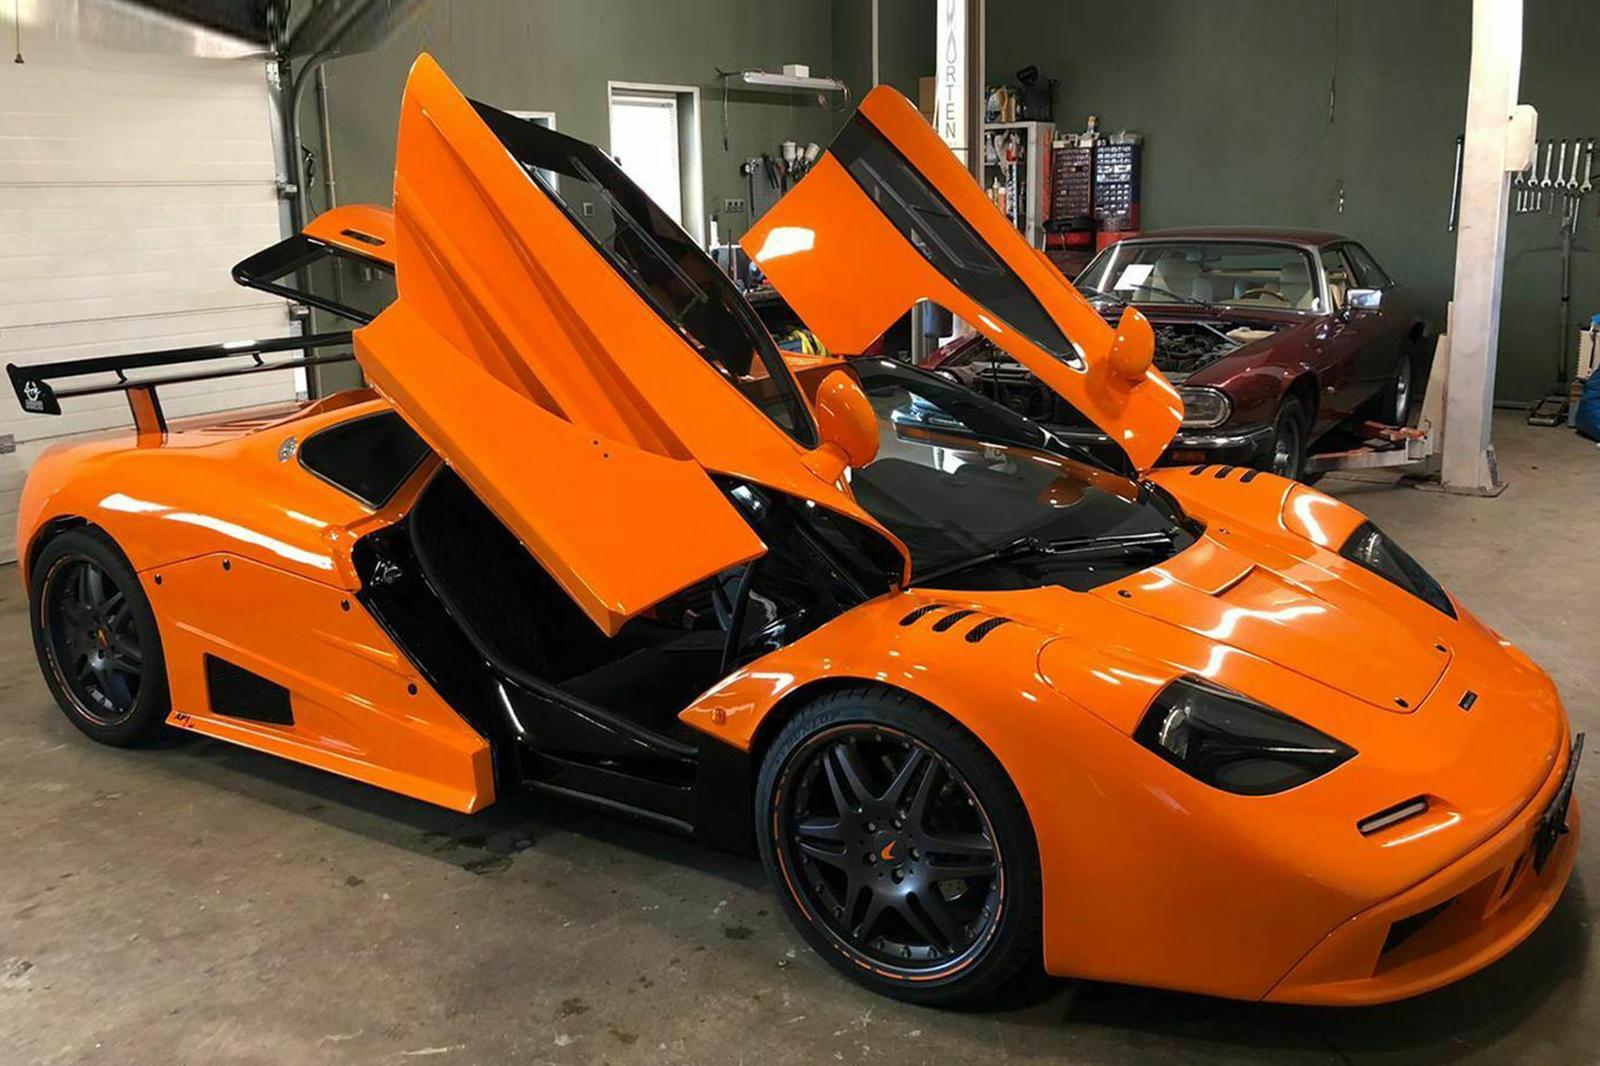 Владелец также приложил полную техническую запись конверсии, и, хотя настоящие энтузиасты бренда McLaren и культовой F1 легко смогут обнаружить признаки того, что это только хорошая копия, она, безусловно, одна из лучших, которые мы видели, и может в